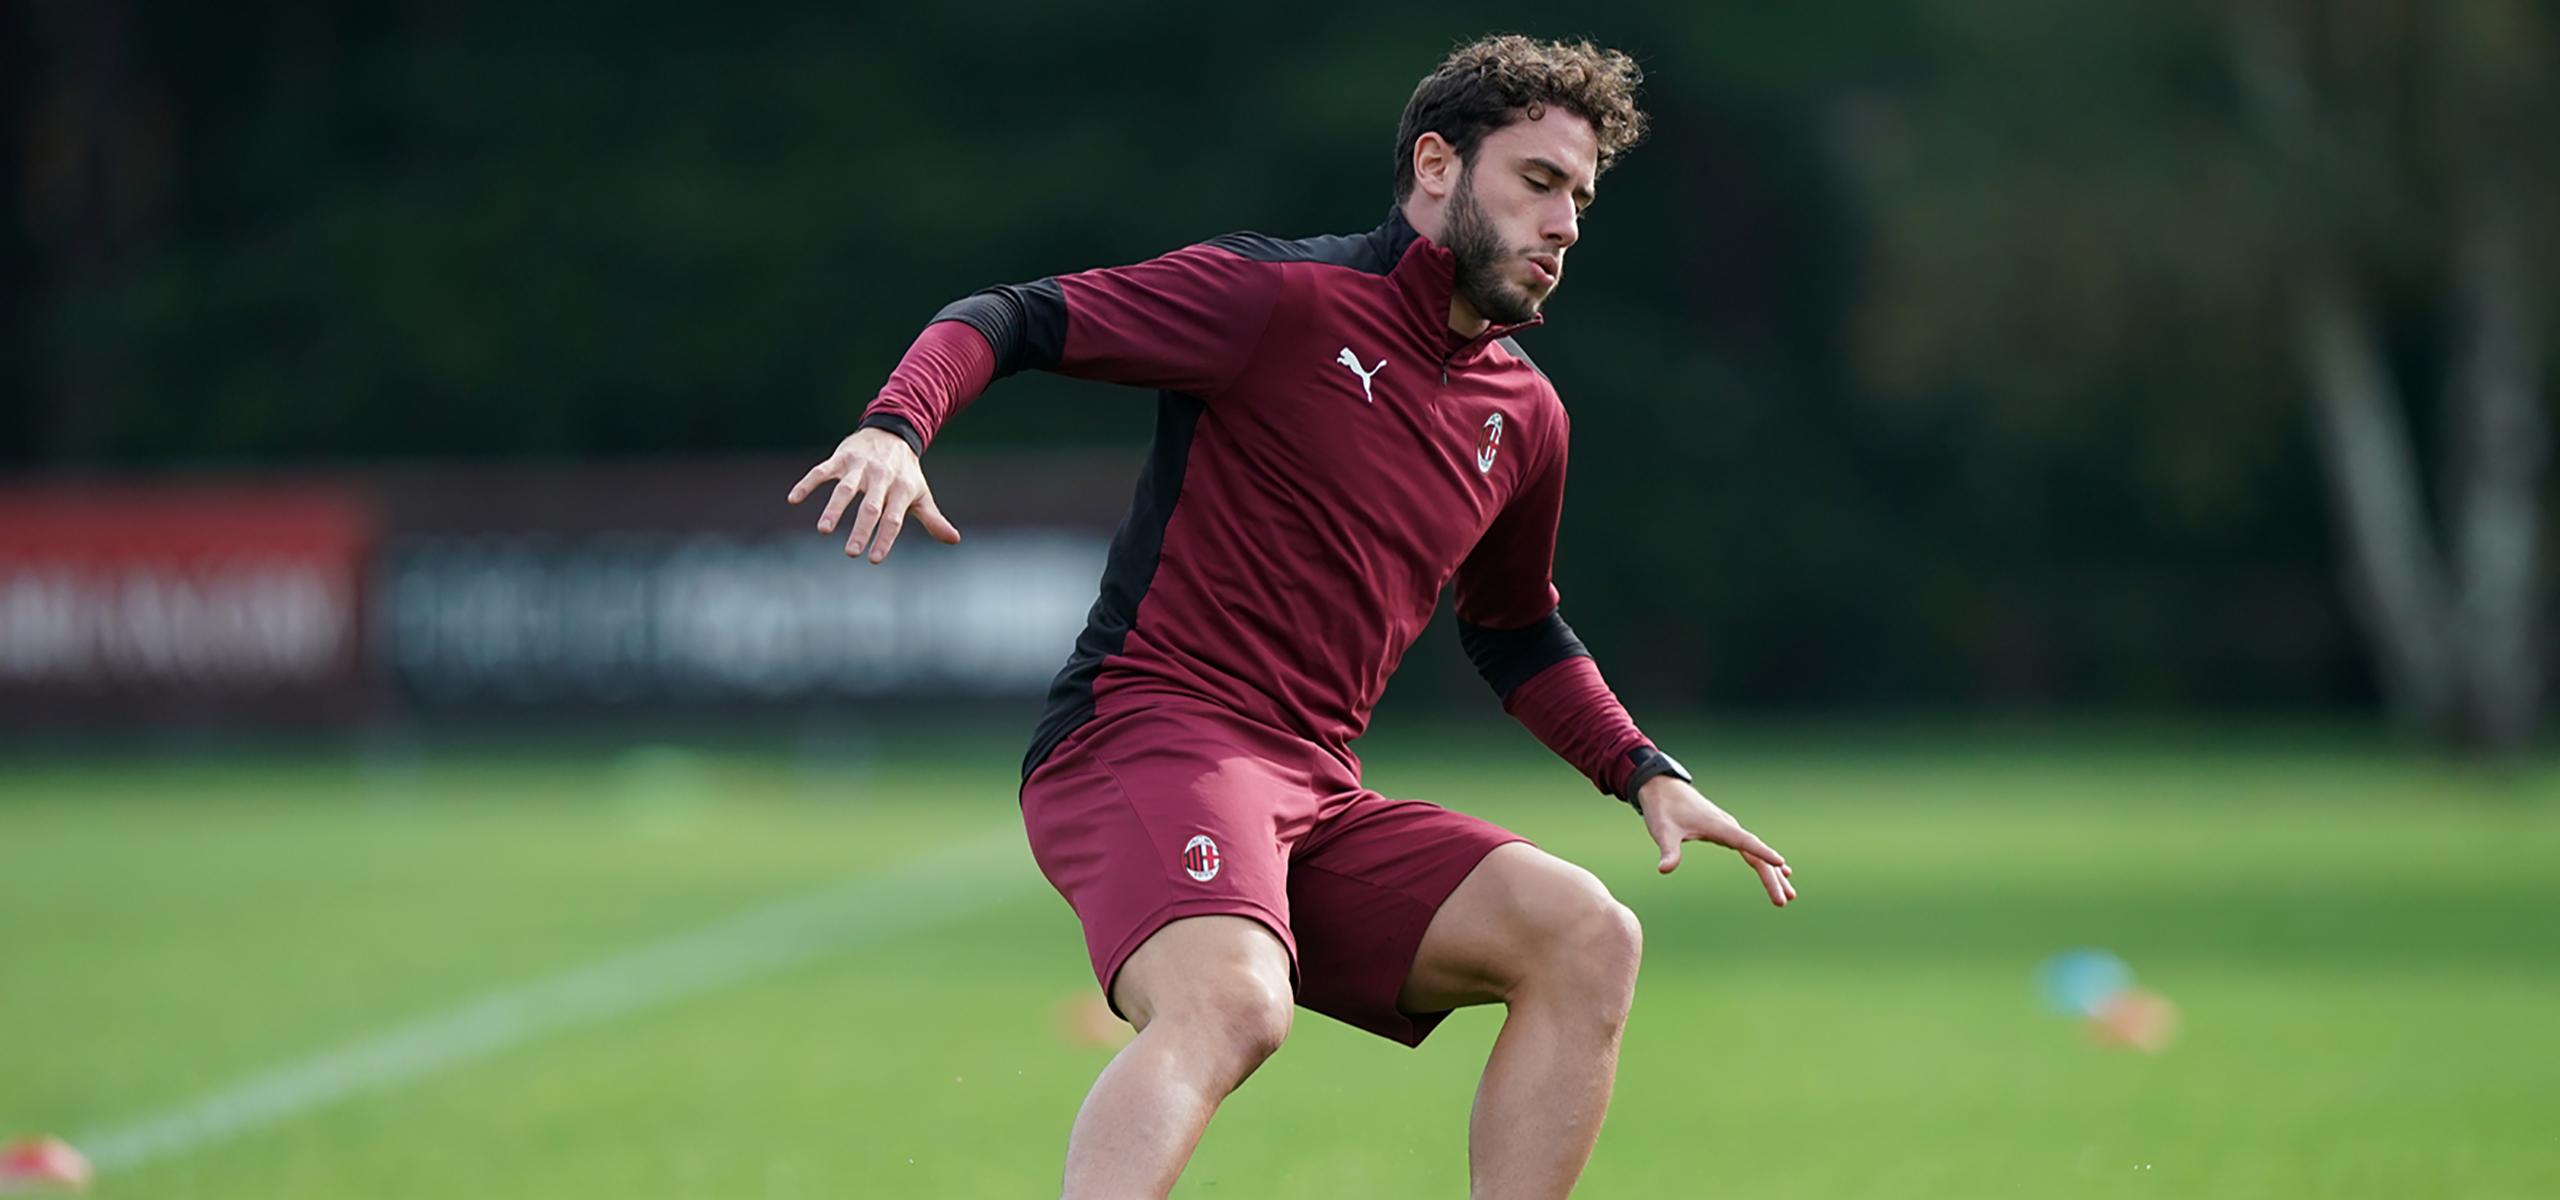 Report Allenamento, Milanello, 9 ottobre 2020 | AC Milan